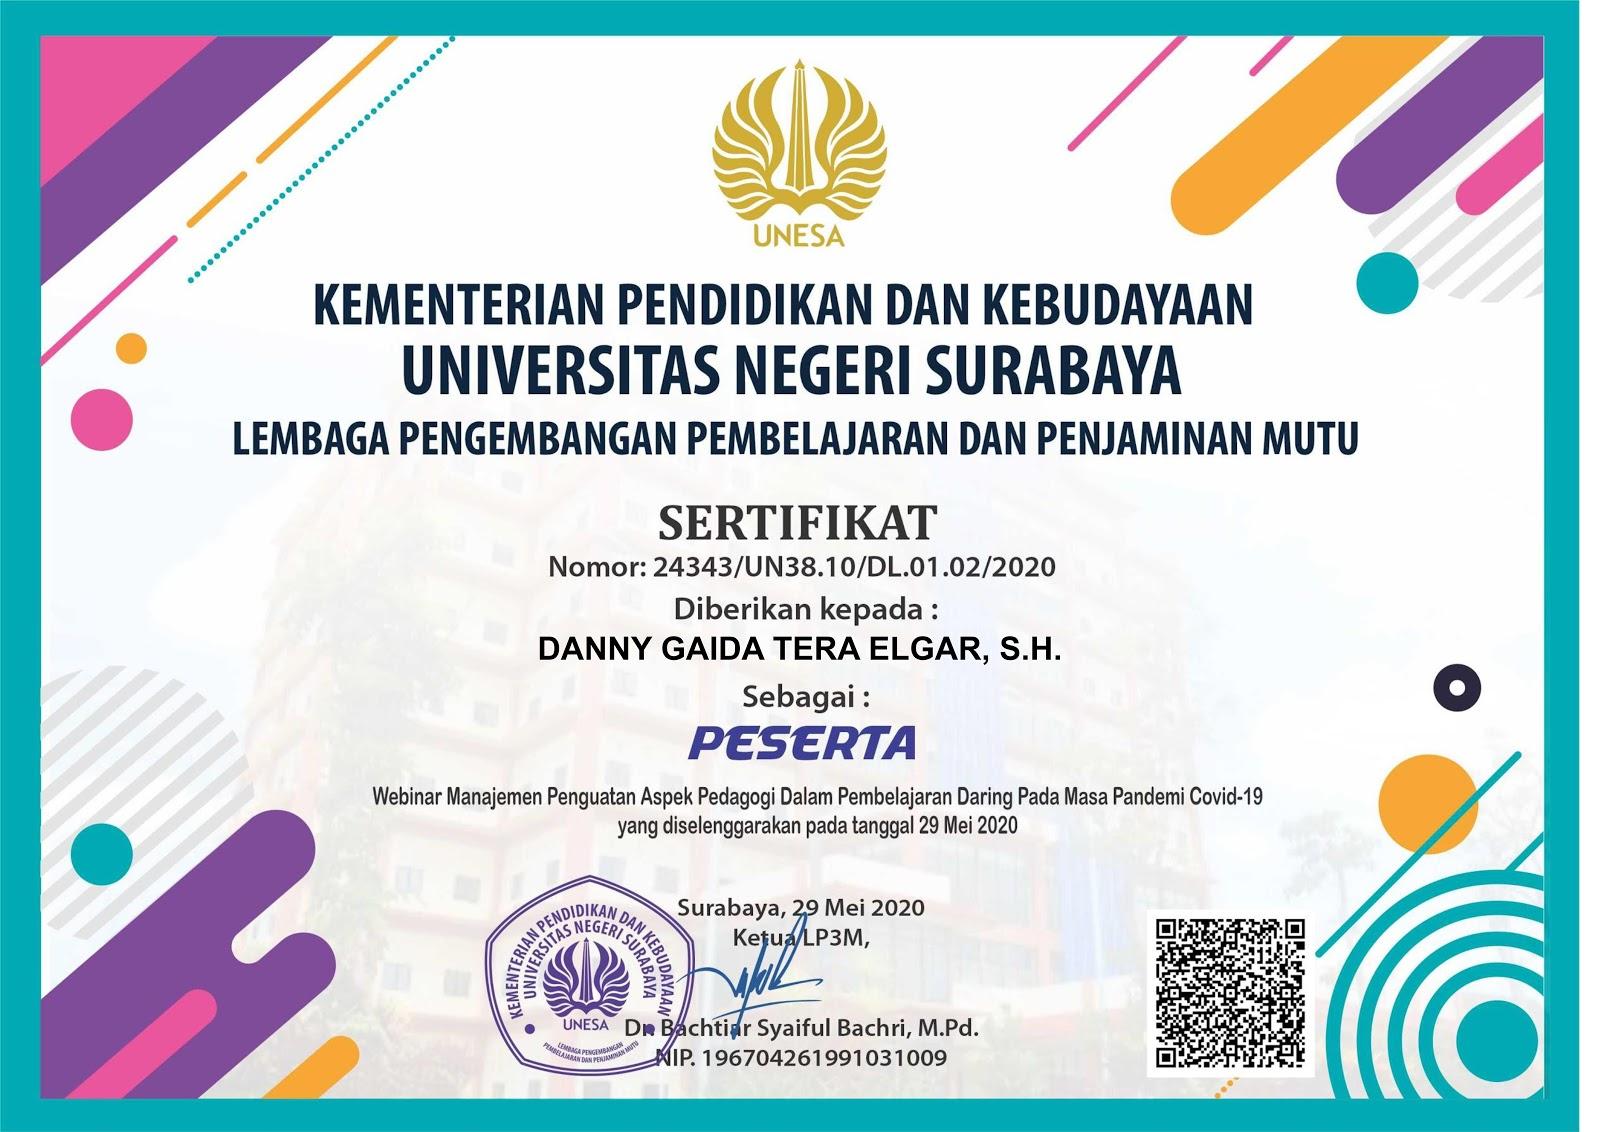 Sertifikat Manajemen Penguatan Aspek Pedagogi dalam Pembelajaran Daring di Masa Covid-19 | Universitas Negeri Surabaya (UNESA) 29 Mei 2020